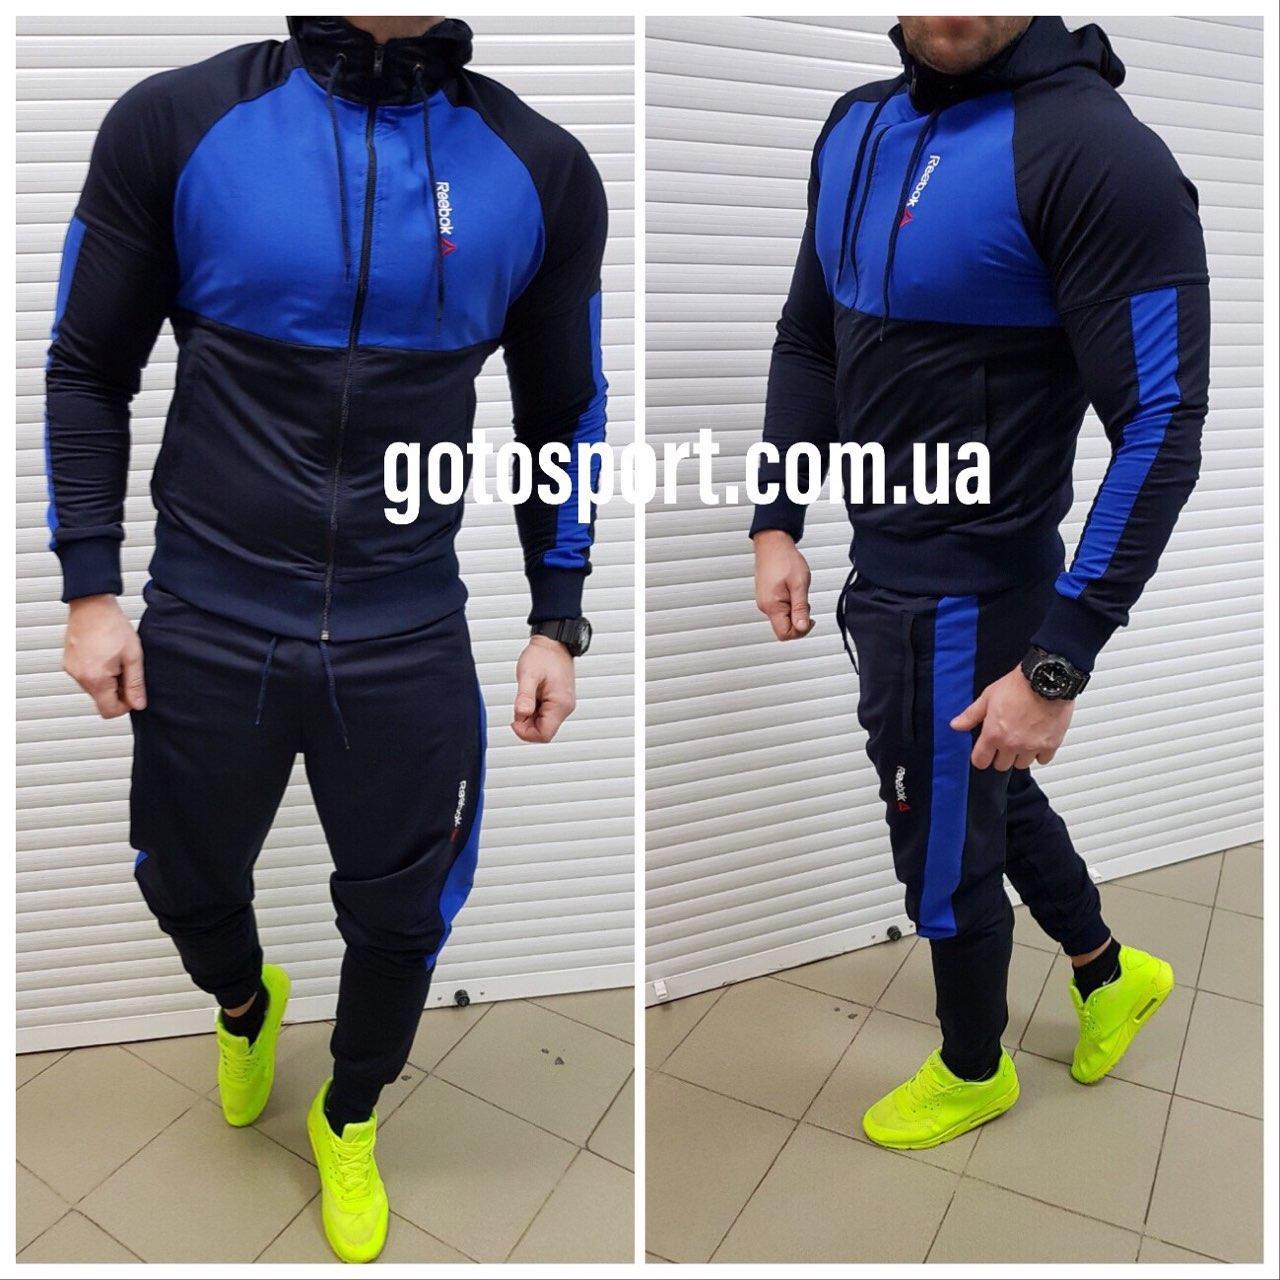 b9af4a877 Мужской спортивный костюм Reebok Hercules синий - Интернет-магазин спортивной  одежды